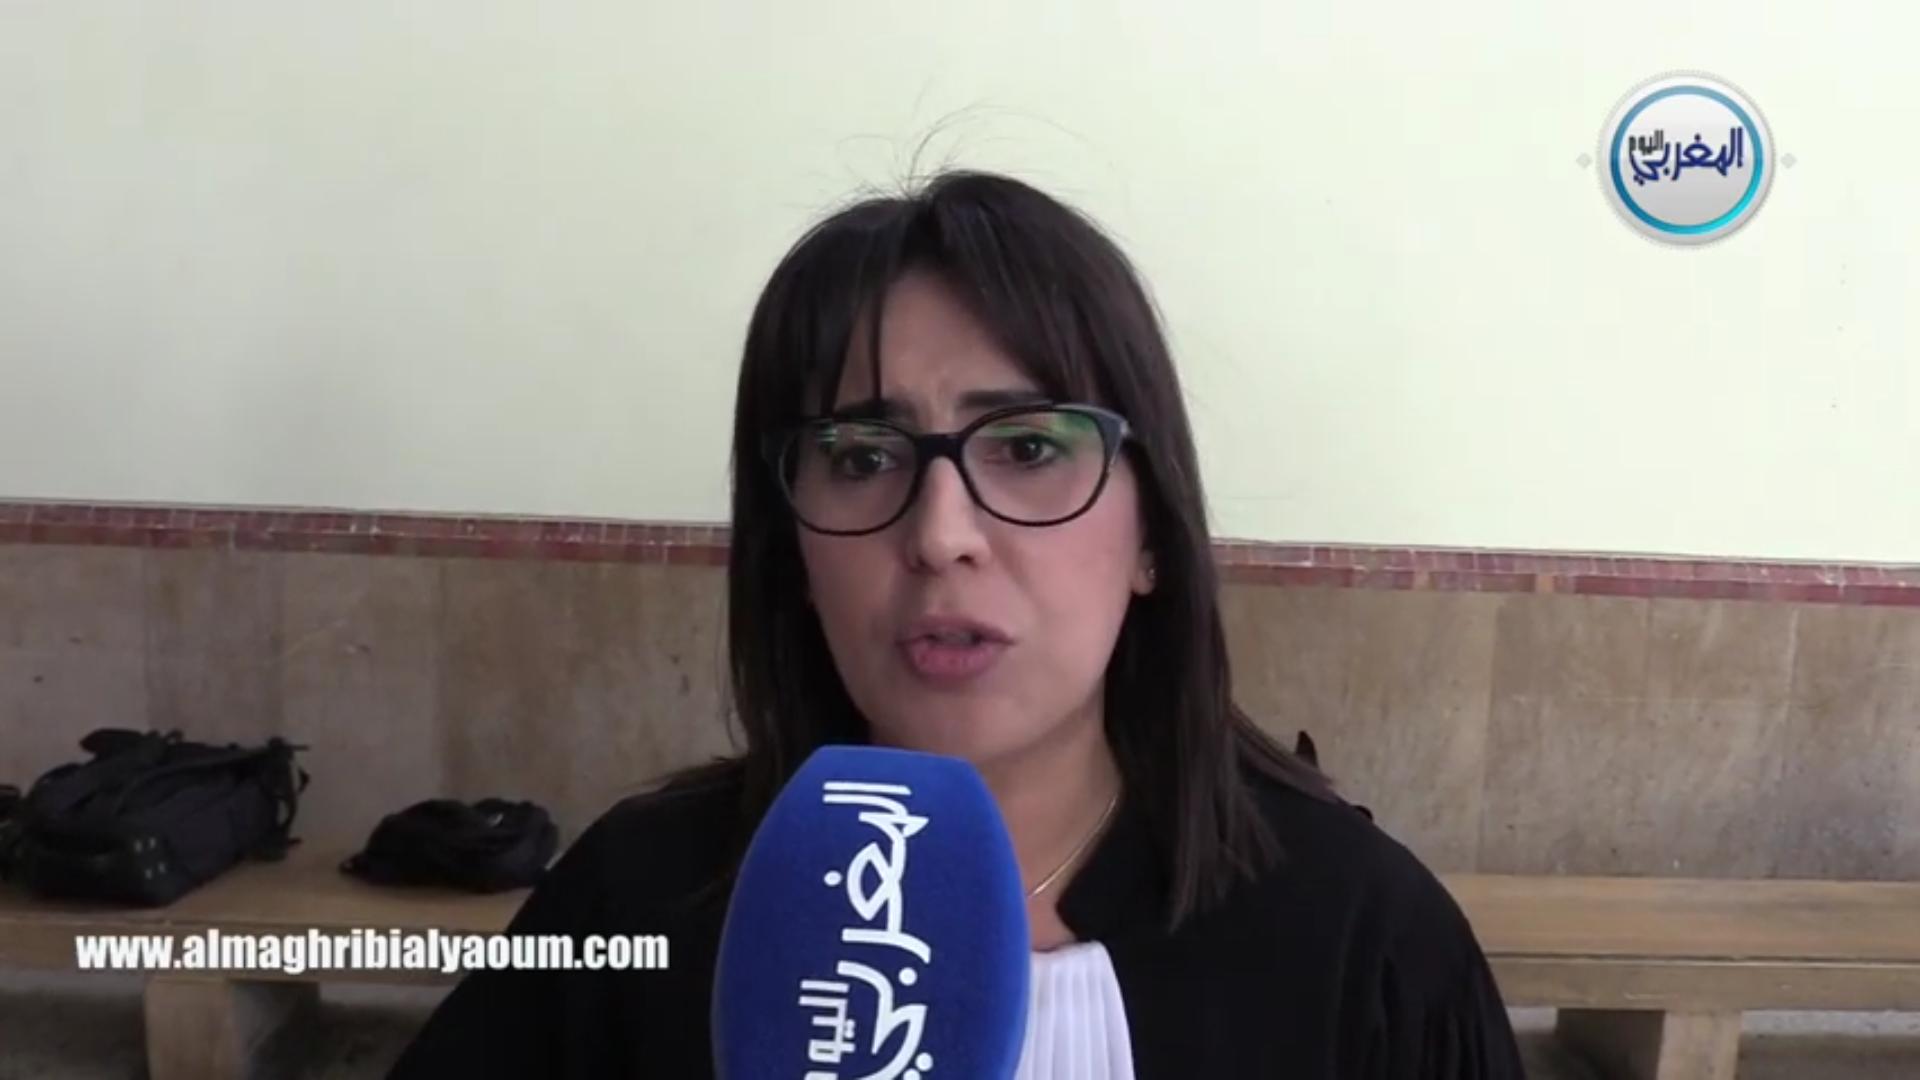 بالفيديو… المحامية مريم الإدريسي النيابة العامة قامت بخطوة جريئة في ملف بوعشرين